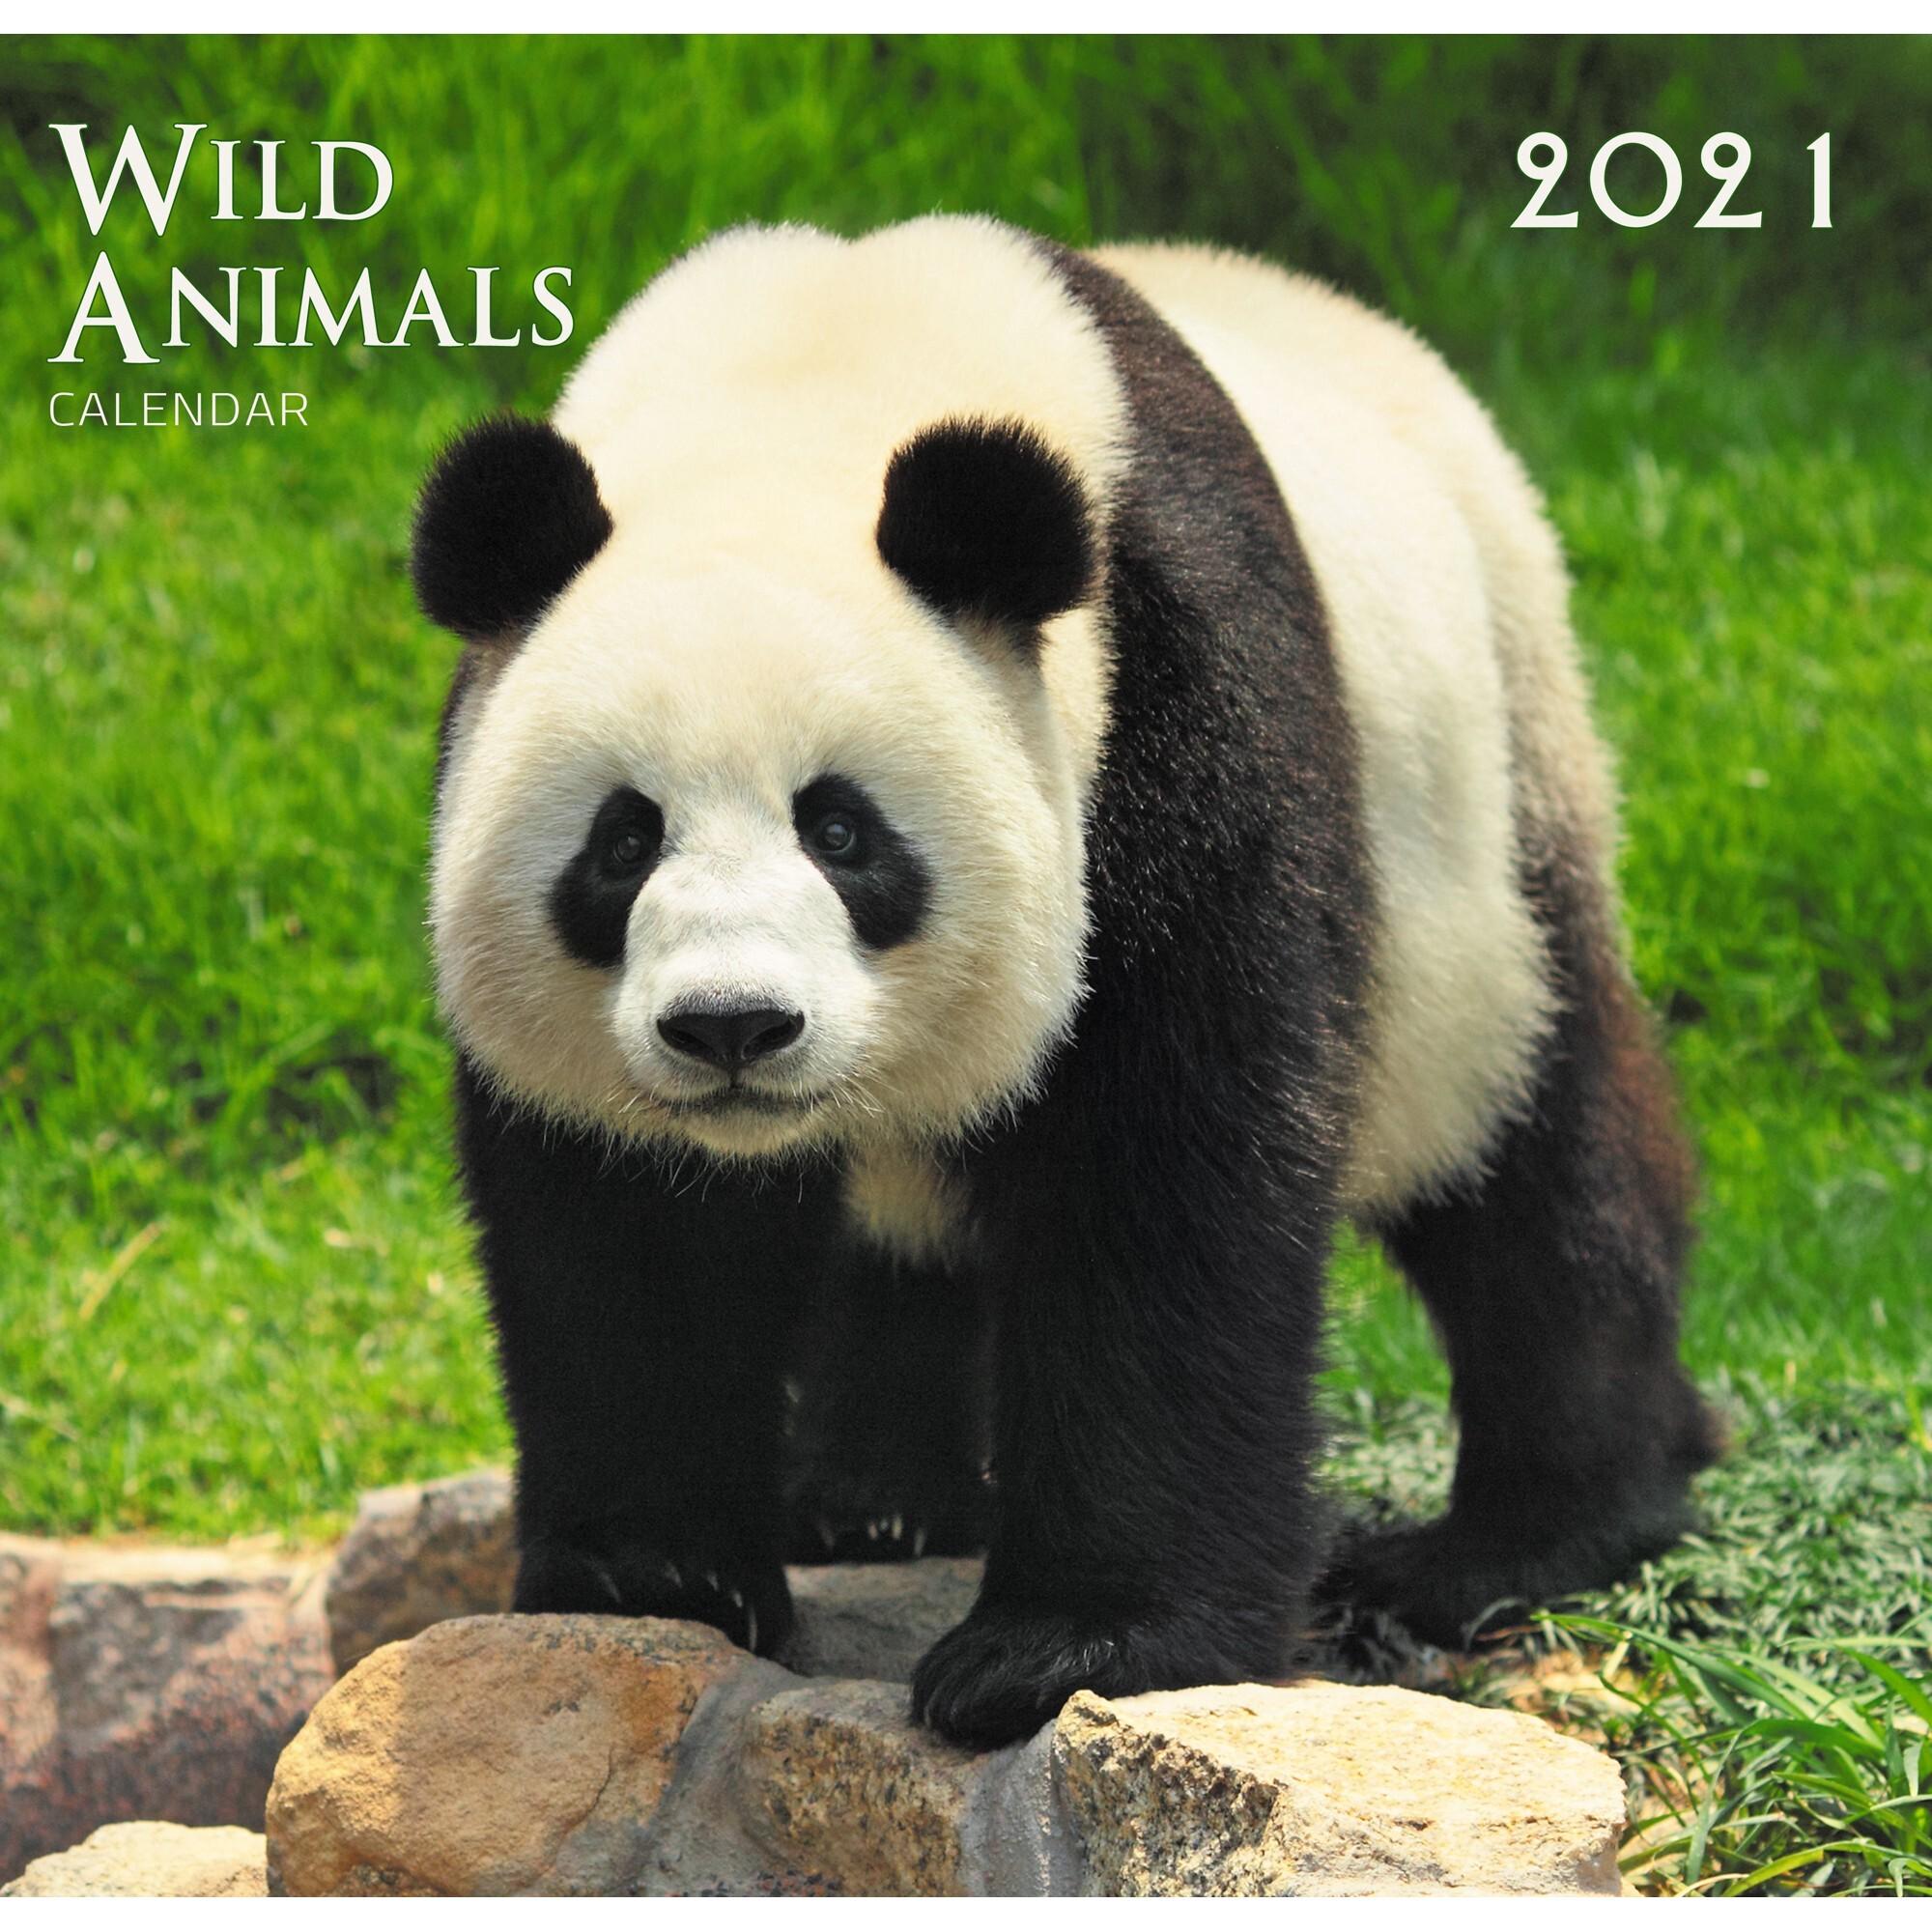 Календарь настенный перекидной Дикие животные (дизайн 2) на 2021 год.